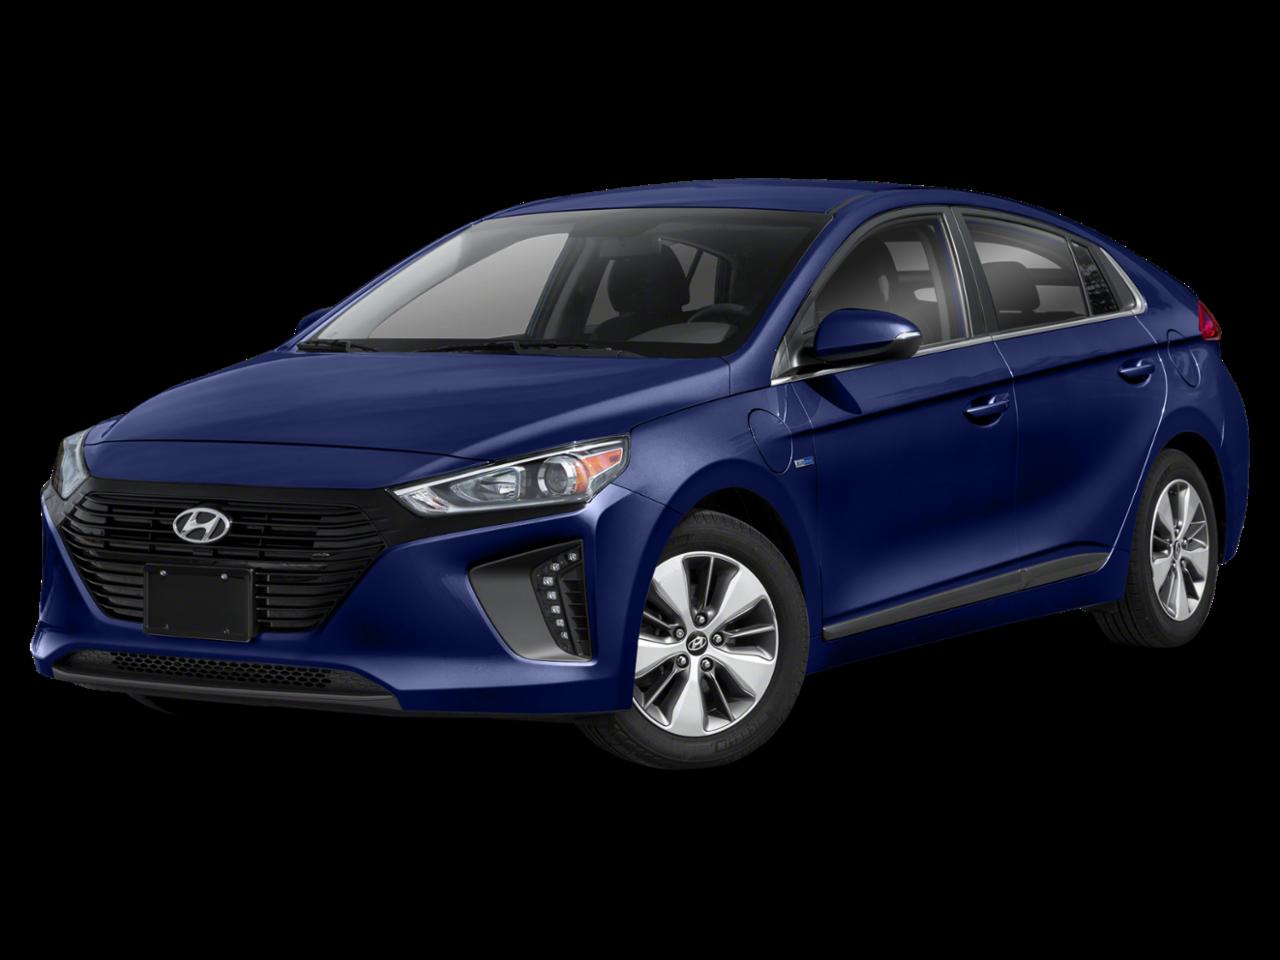 Hyundai 2019 IONIQ Plug-In Hybrid Hatchback